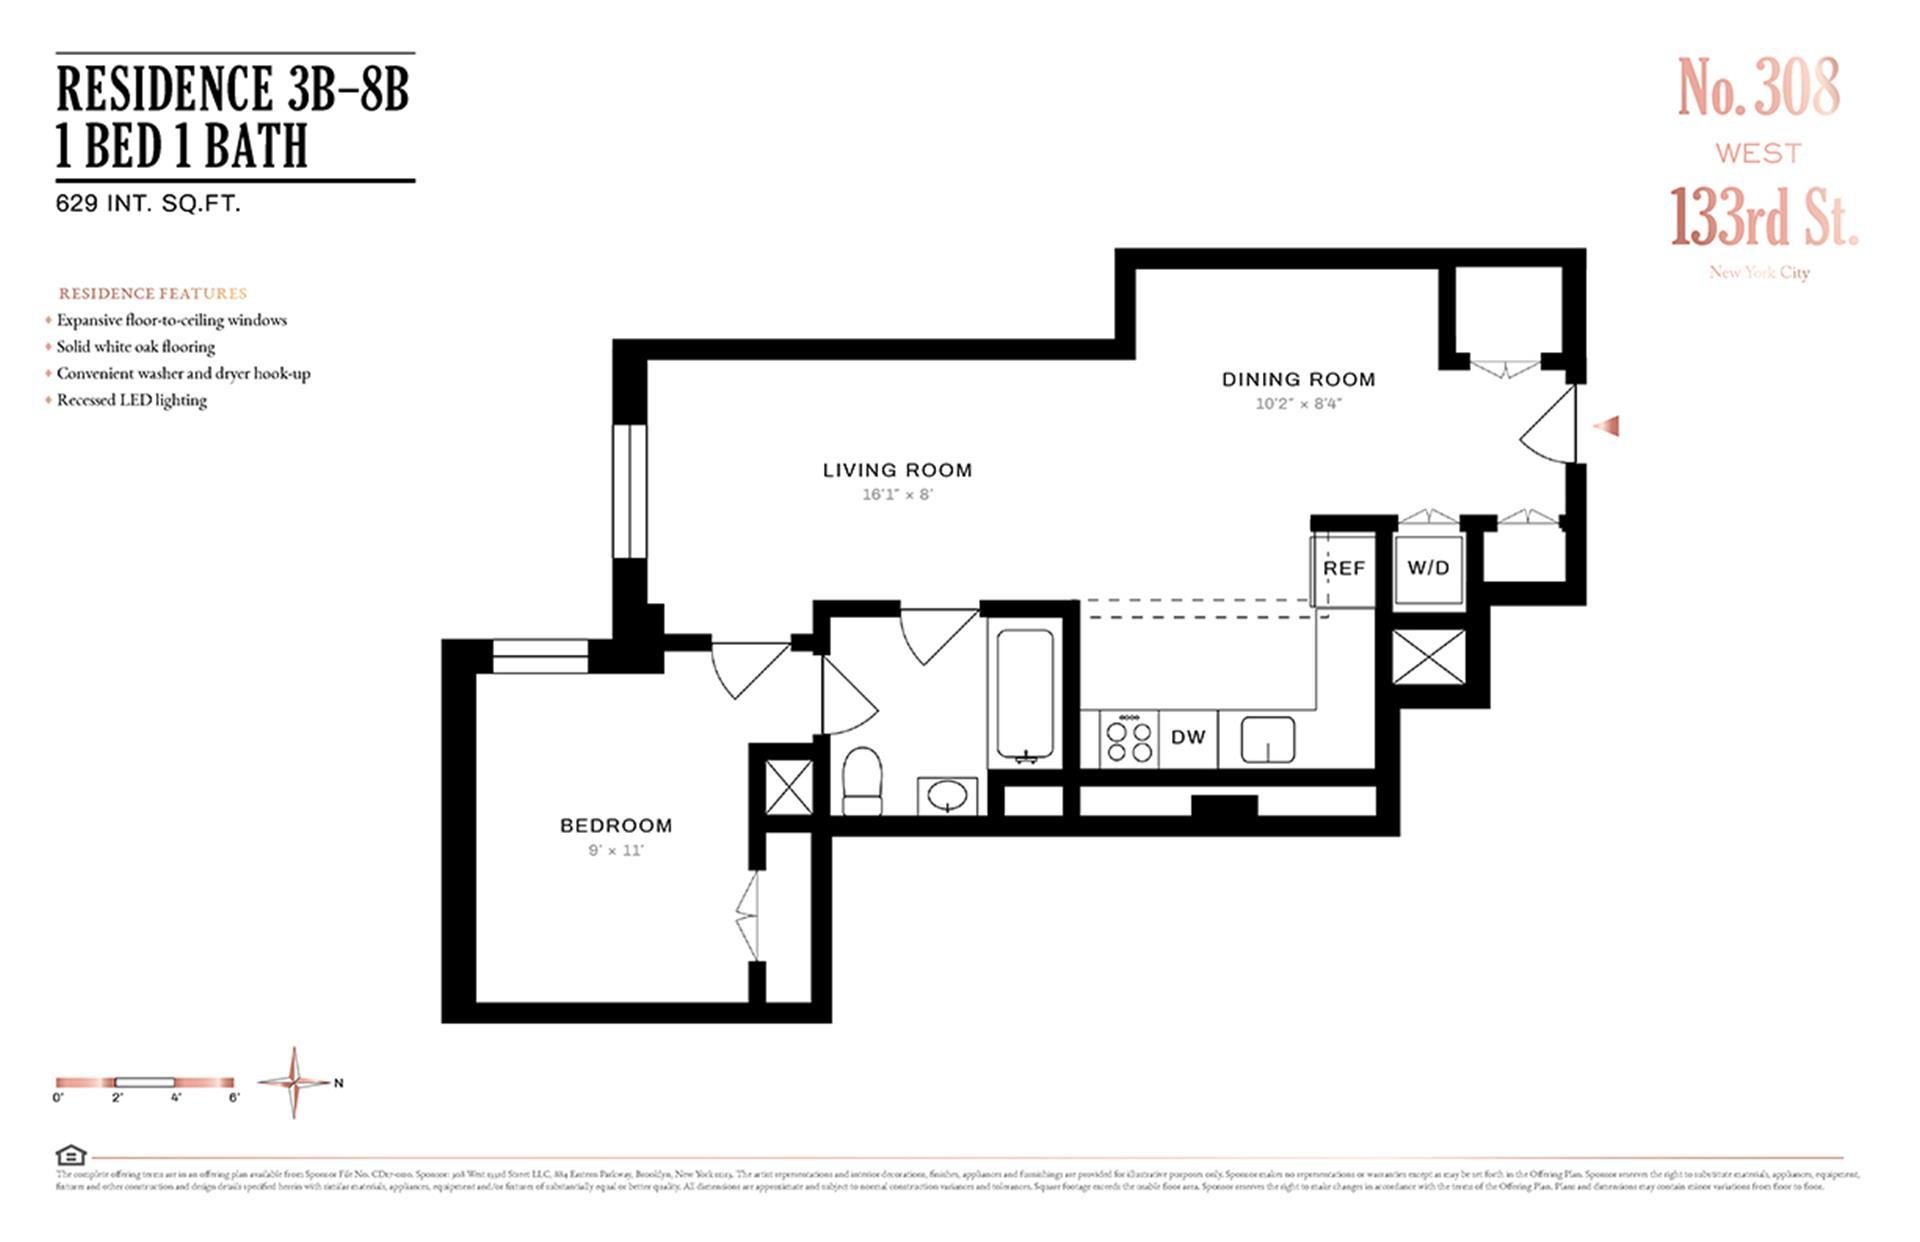 Floor plan of 308 West 133rd St, 6B - Harlem, New York